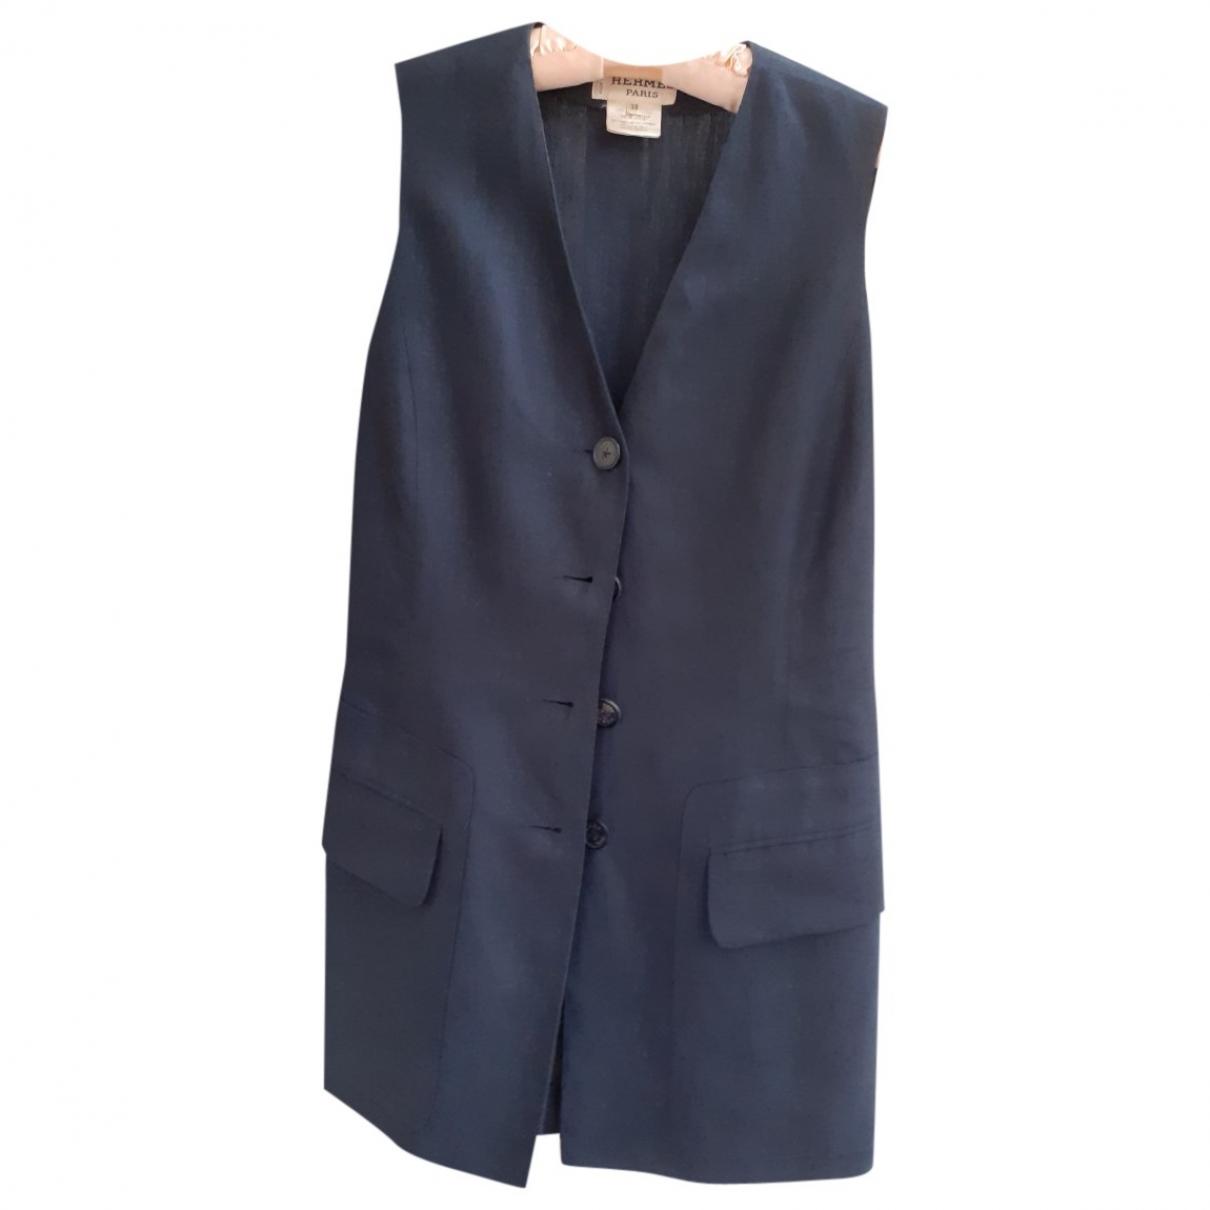 Hermes - Veste   pour femme en lin - bleu